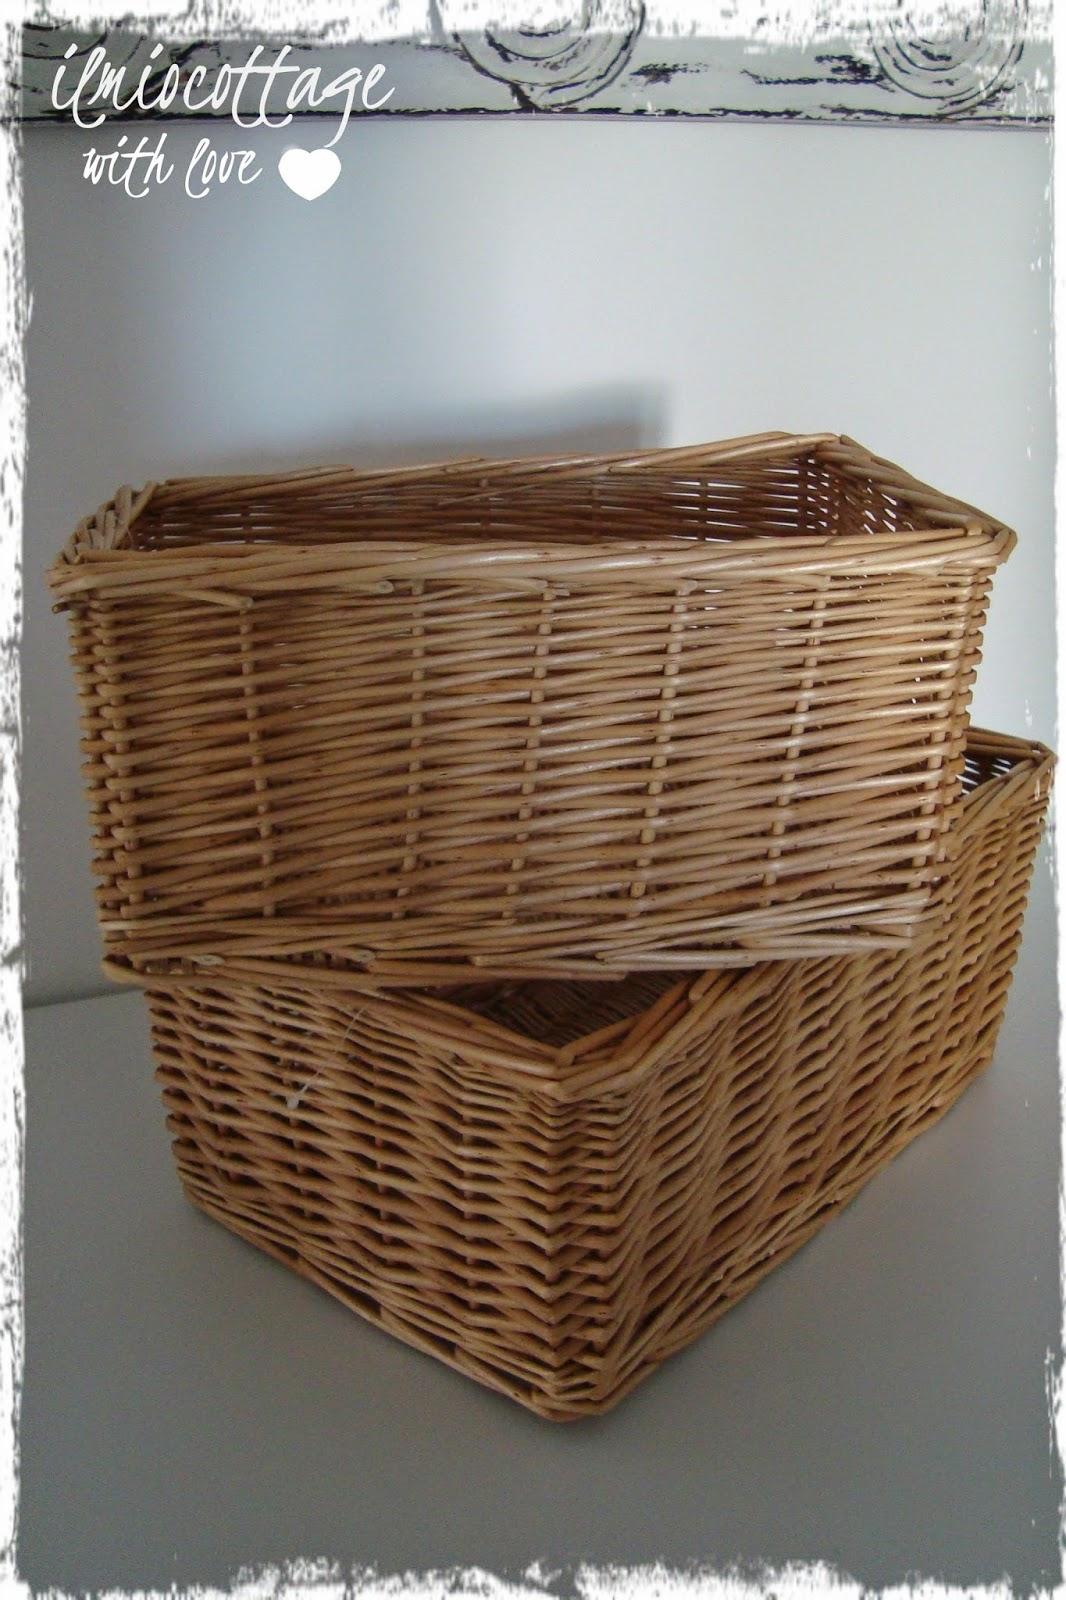 Cestini Da Lavoro Per Cucito il mio cottage: come rivestire vecchi cestini in vimini